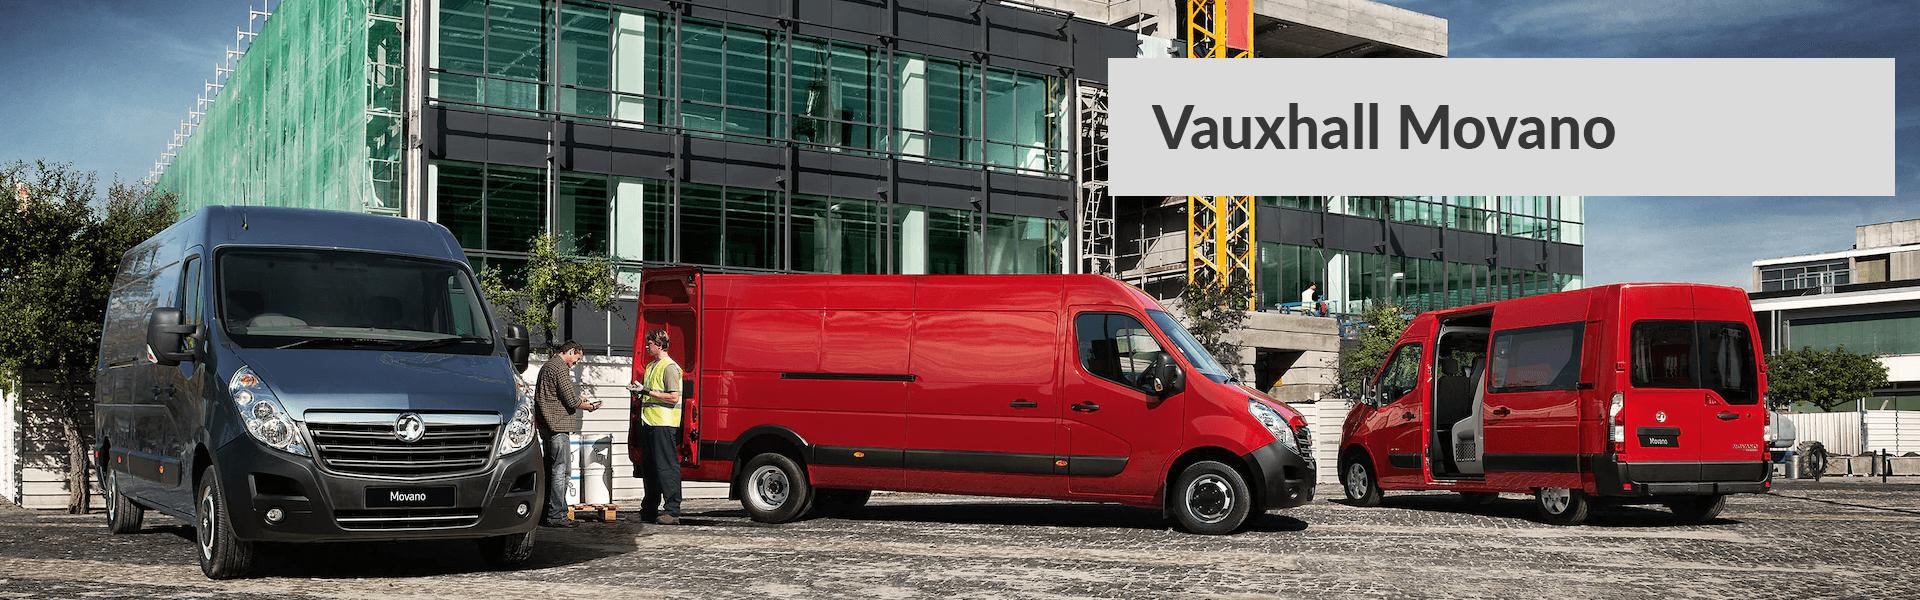 Vauxhall Movano Desktop